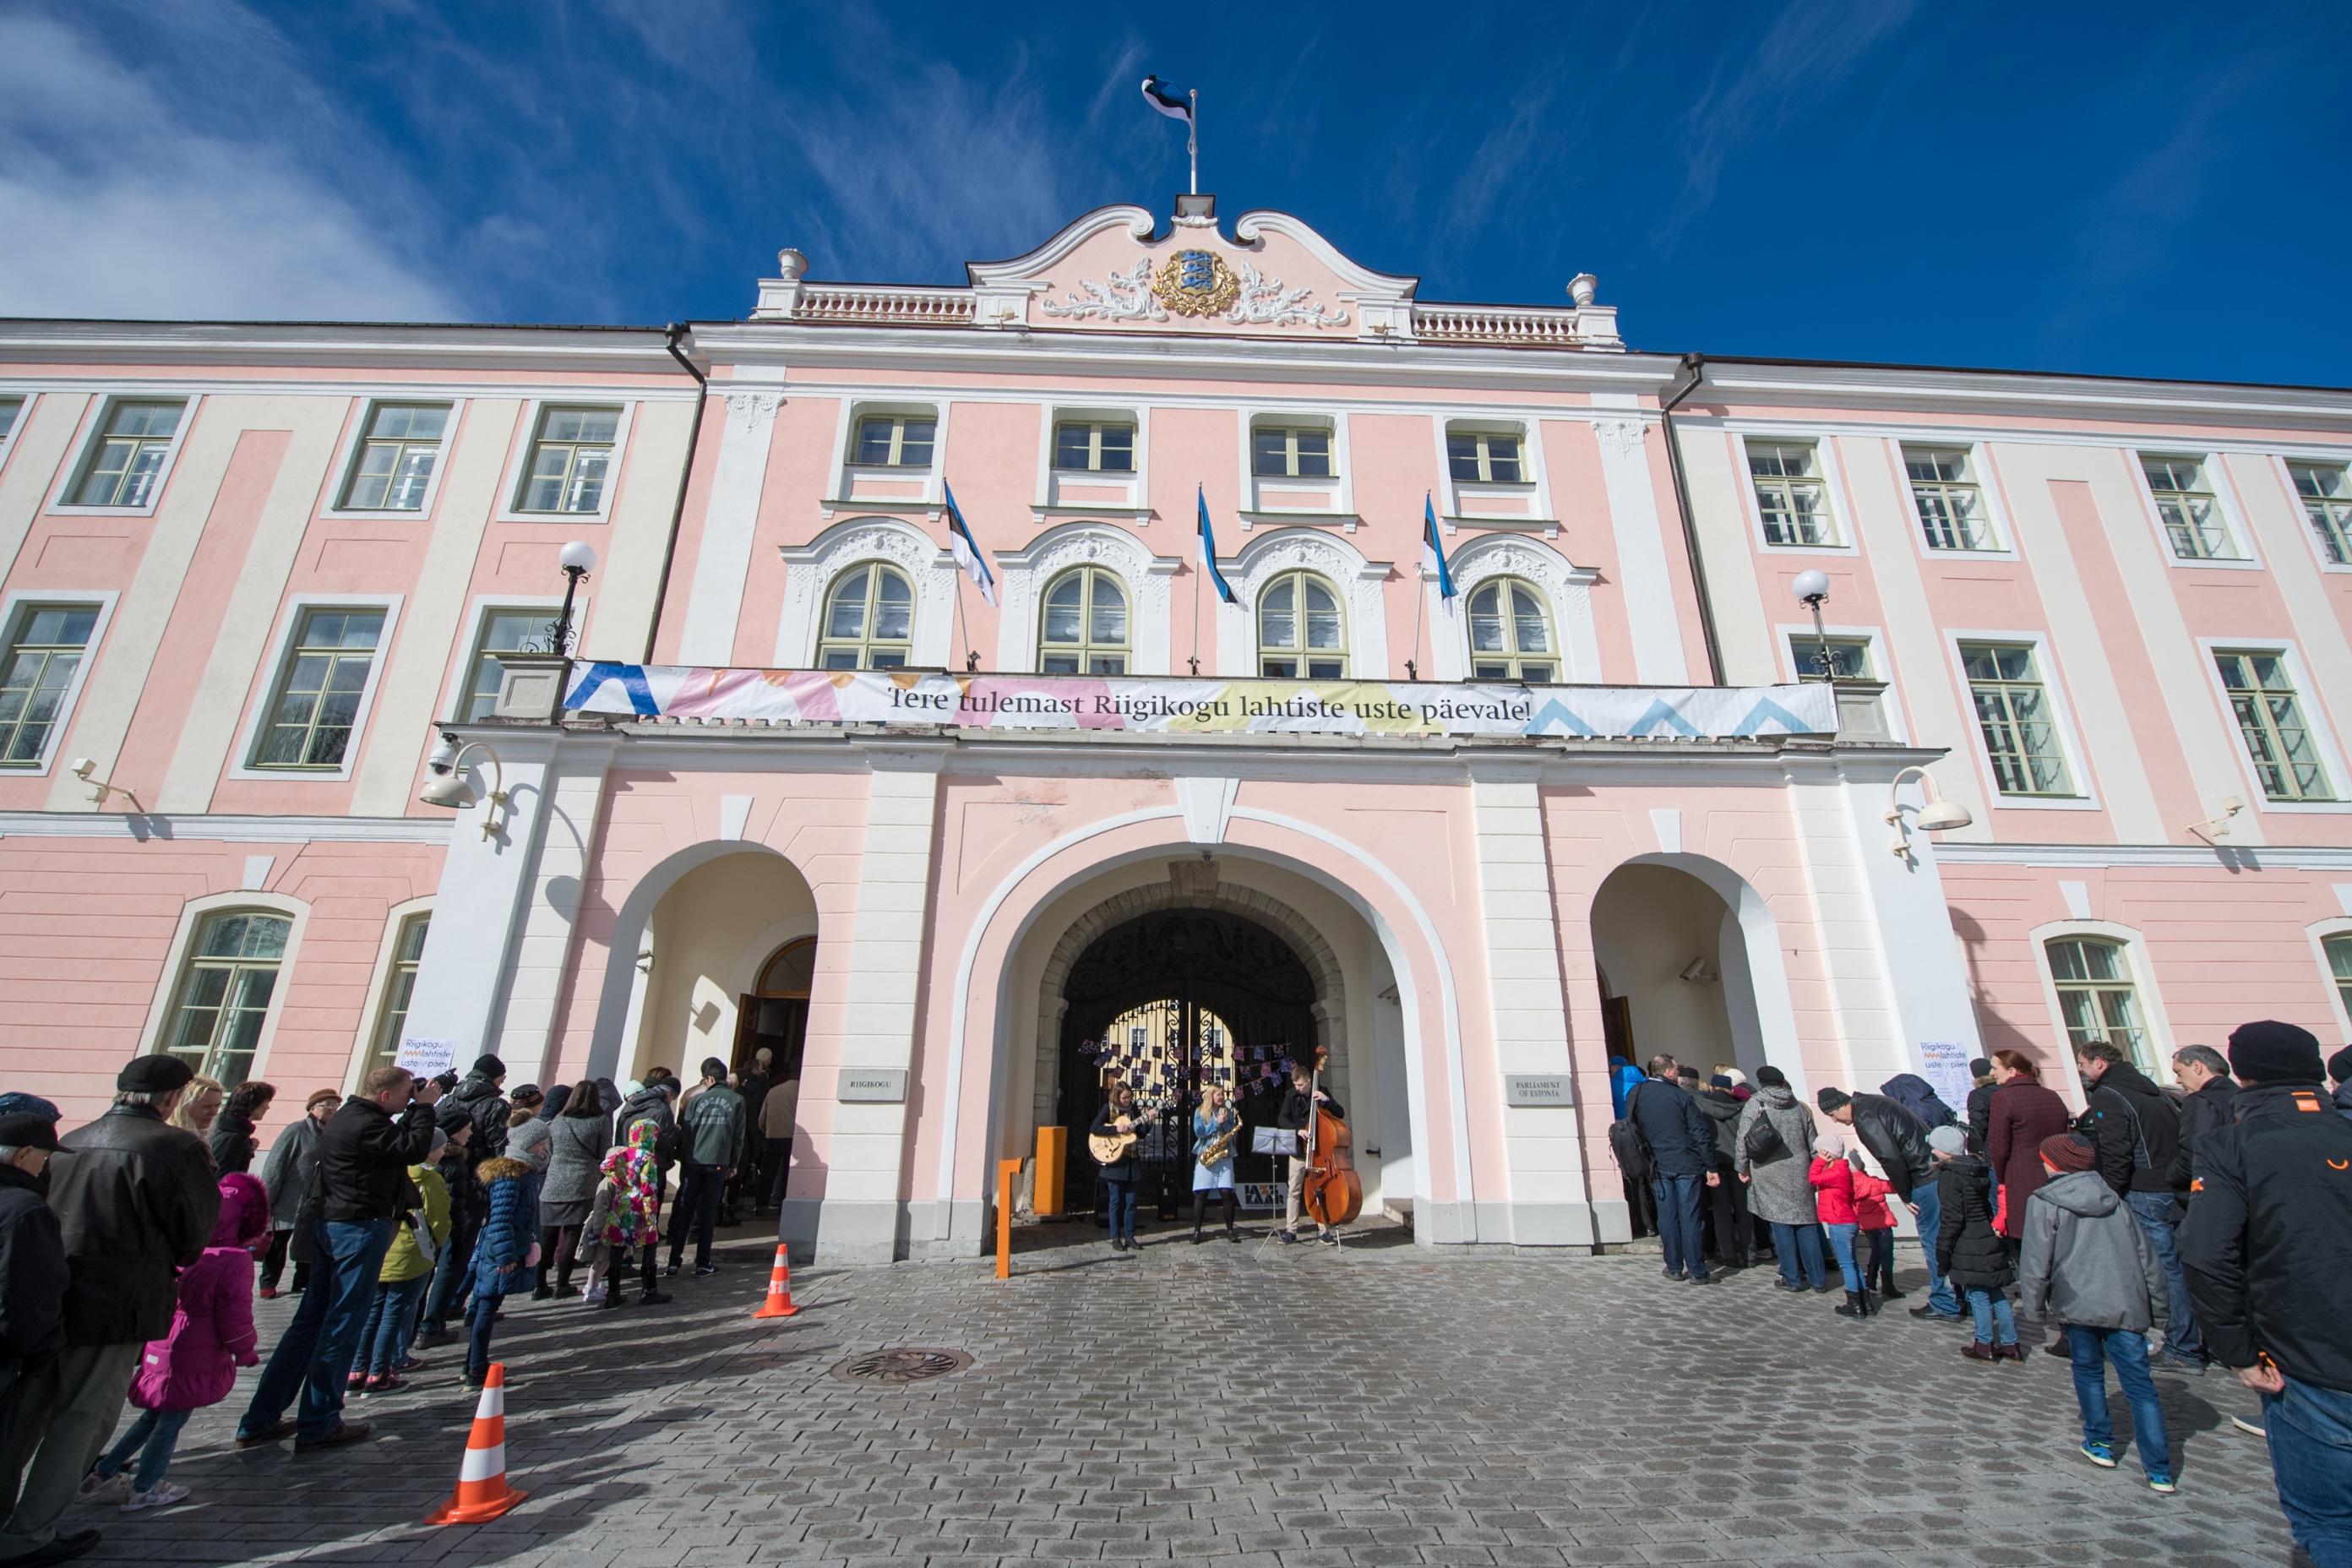 Sajandivanune Riigikogu ootab lahtiste uste päevale